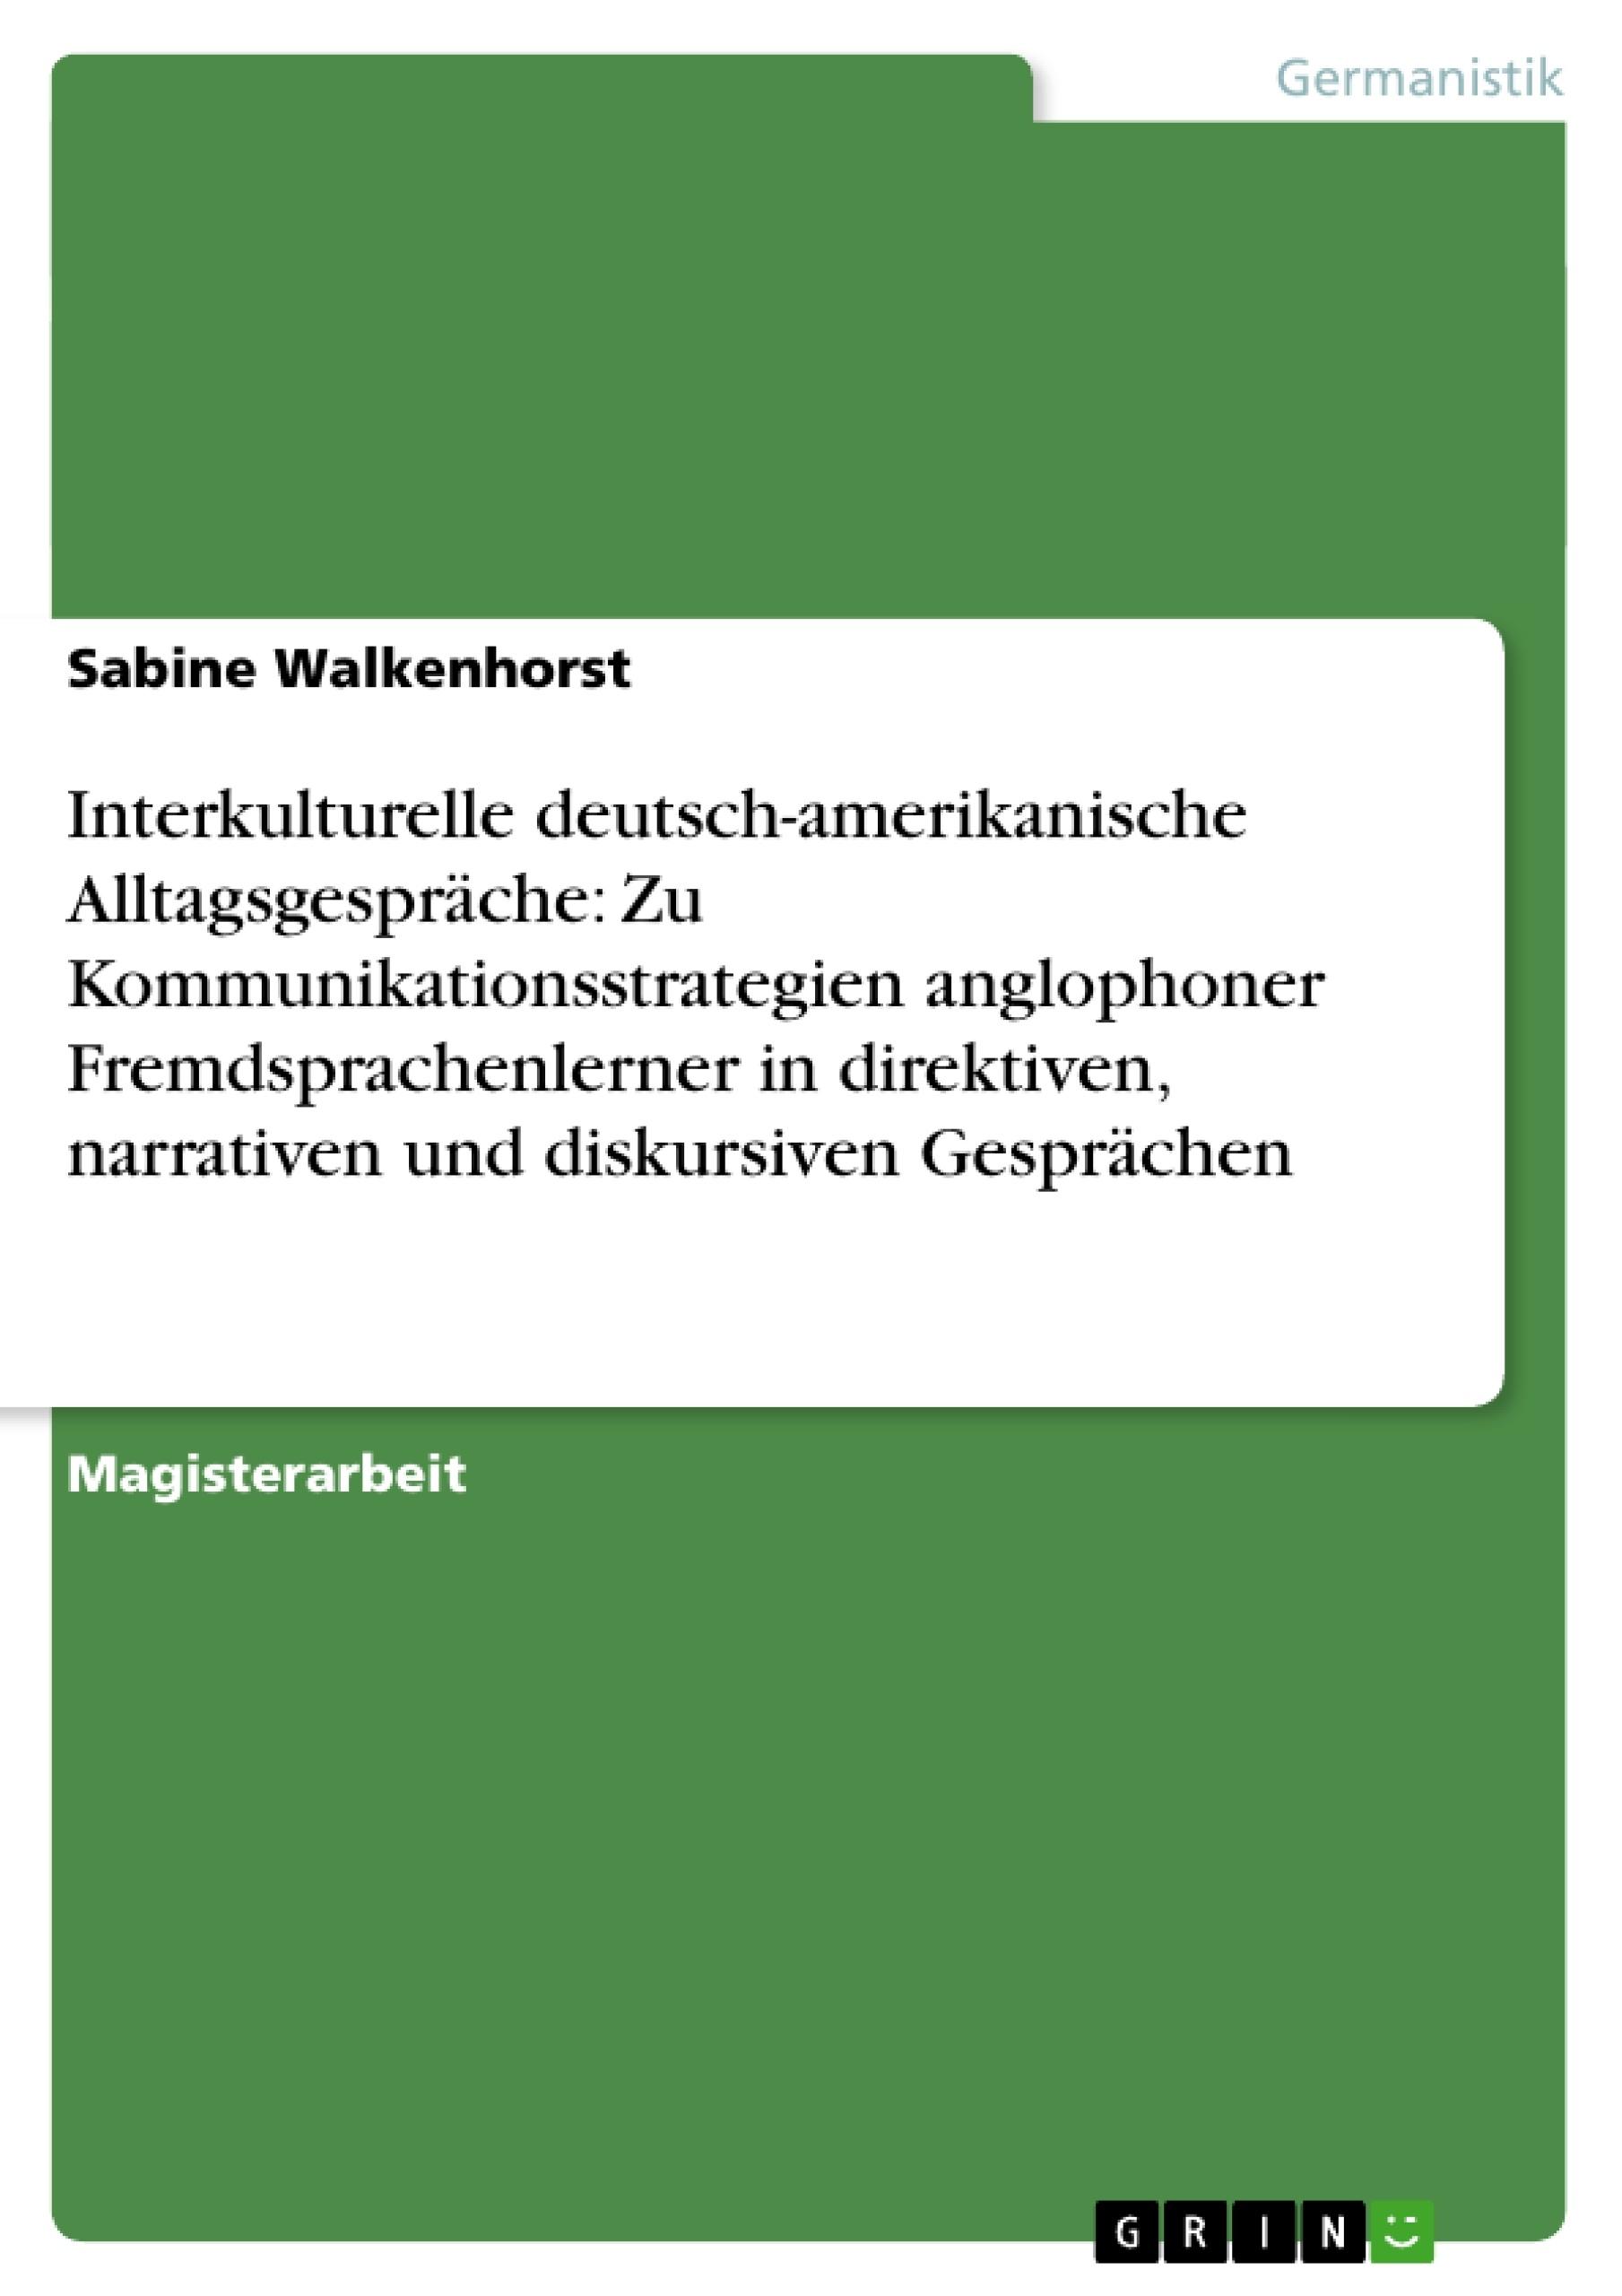 Titel: Interkulturelle deutsch-amerikanische Alltagsgespräche: Zu Kommunikationsstrategien anglophoner Fremdsprachenlerner in direktiven, narrativen und diskursiven Gesprächen